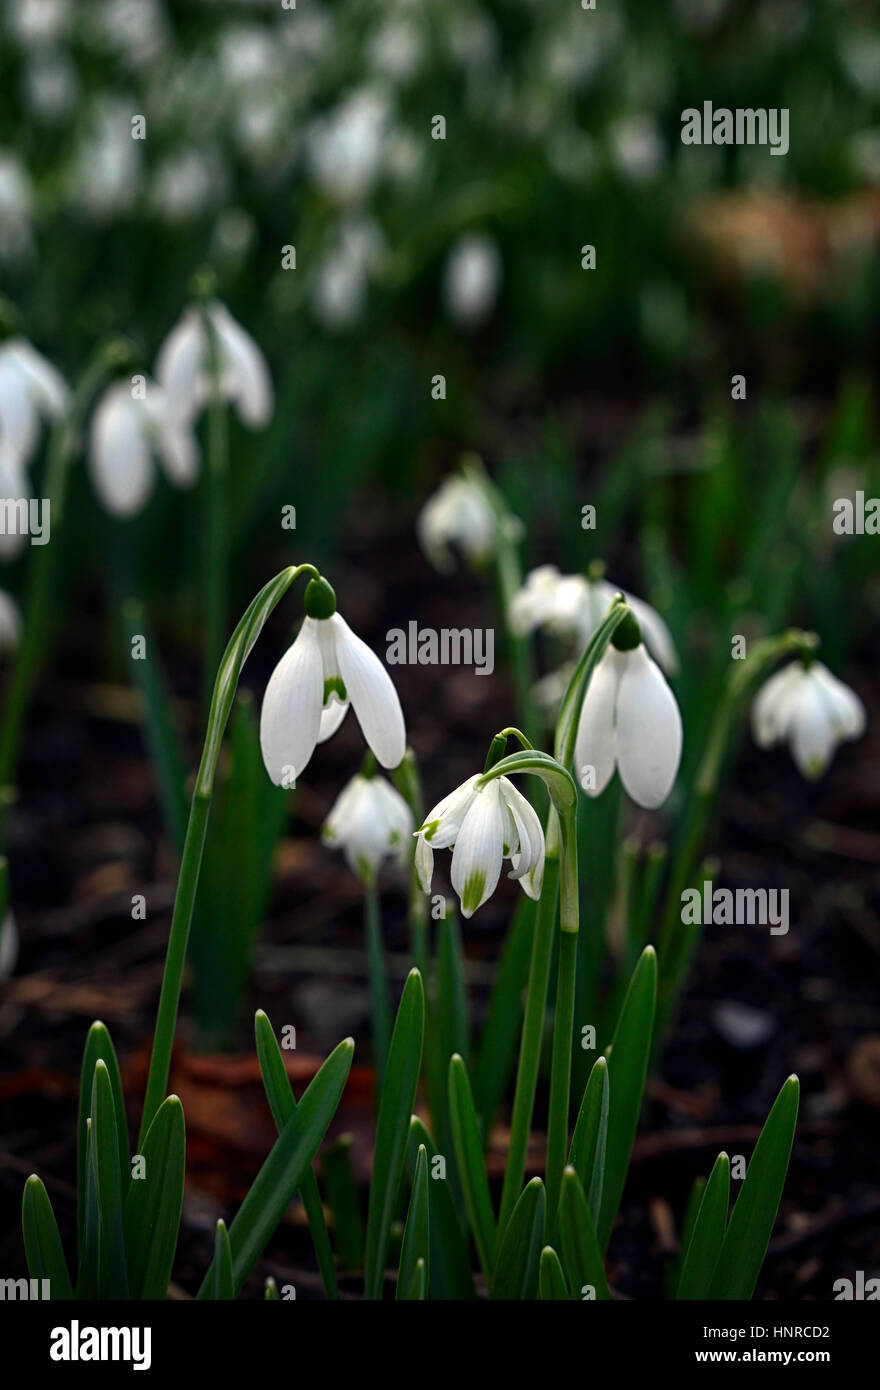 Galanthus Nivalis Flore Pleno Snowdrops Snowdrop Spring Green